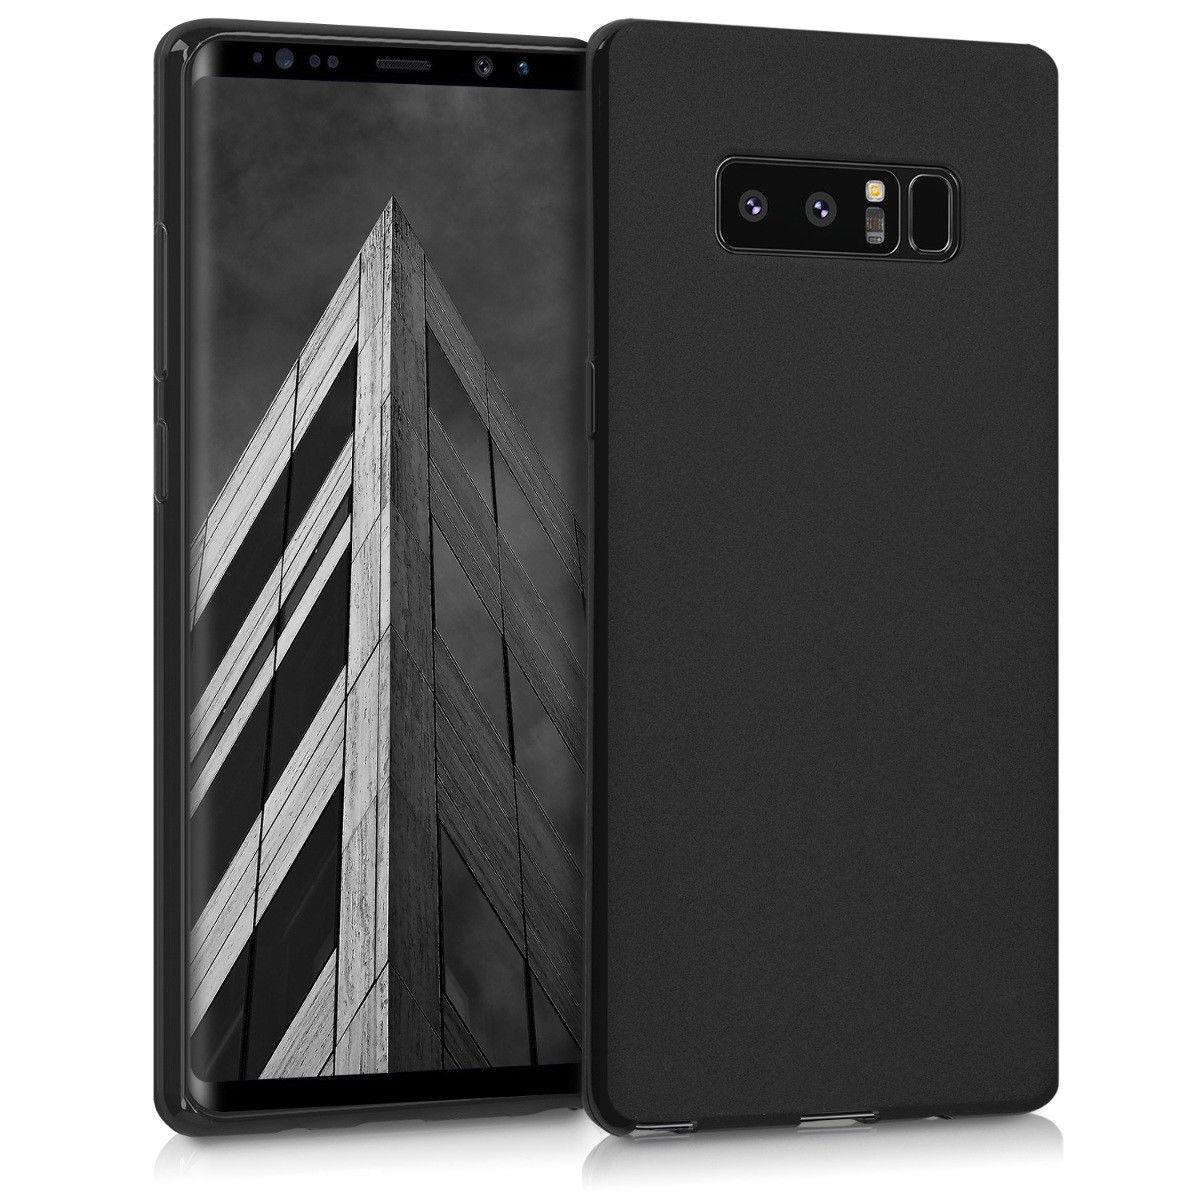 Pouzdro GEL pro Samsung Galaxy Note 8 černé